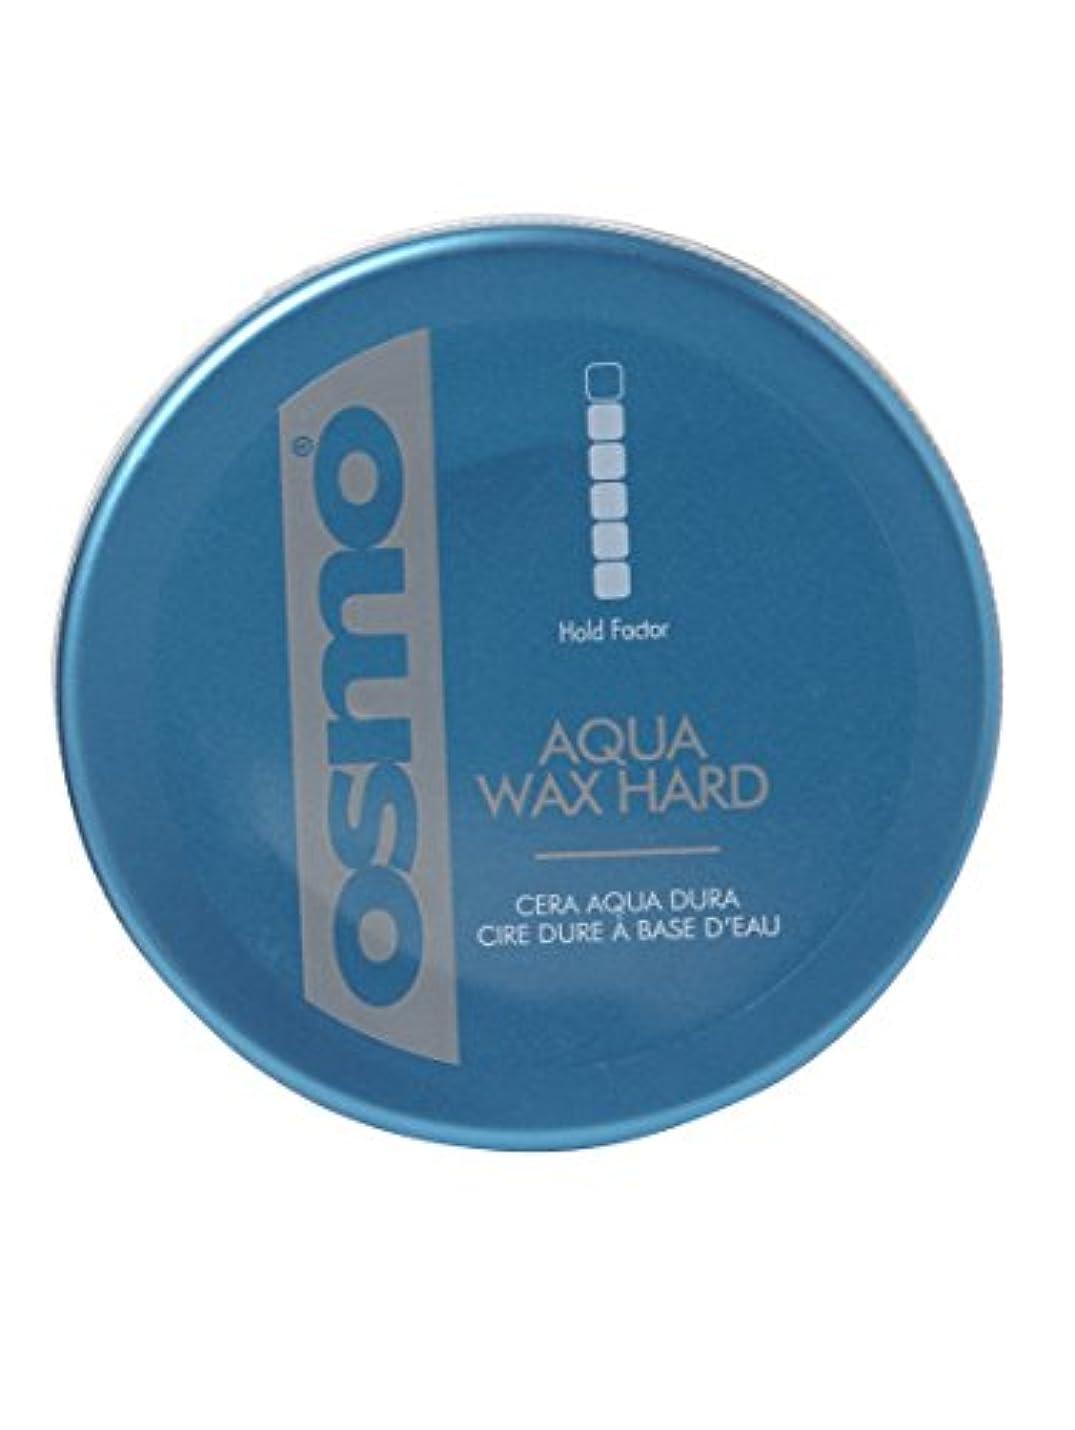 討論文字不完全なOsmo Aqua Wax Hard - For An Incredible Shine And Strong Hold - 100ml